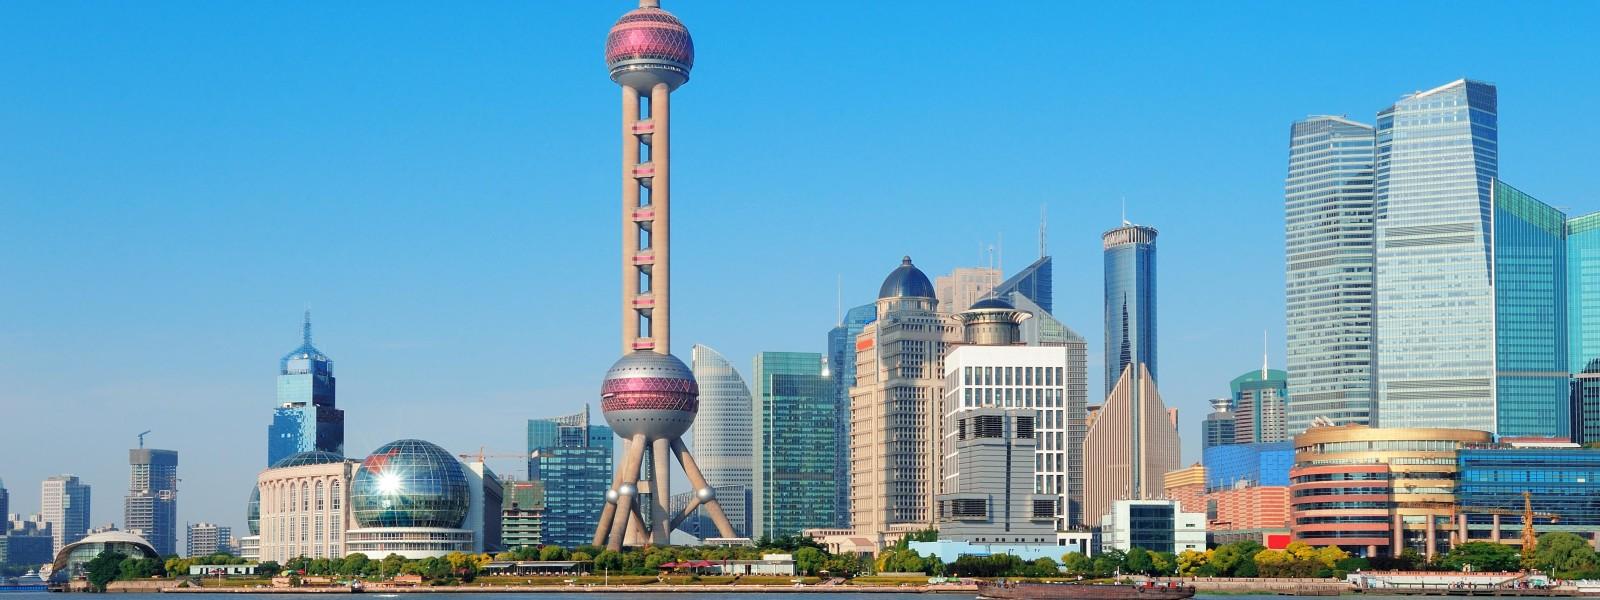 Shanghai-Tour-Guide